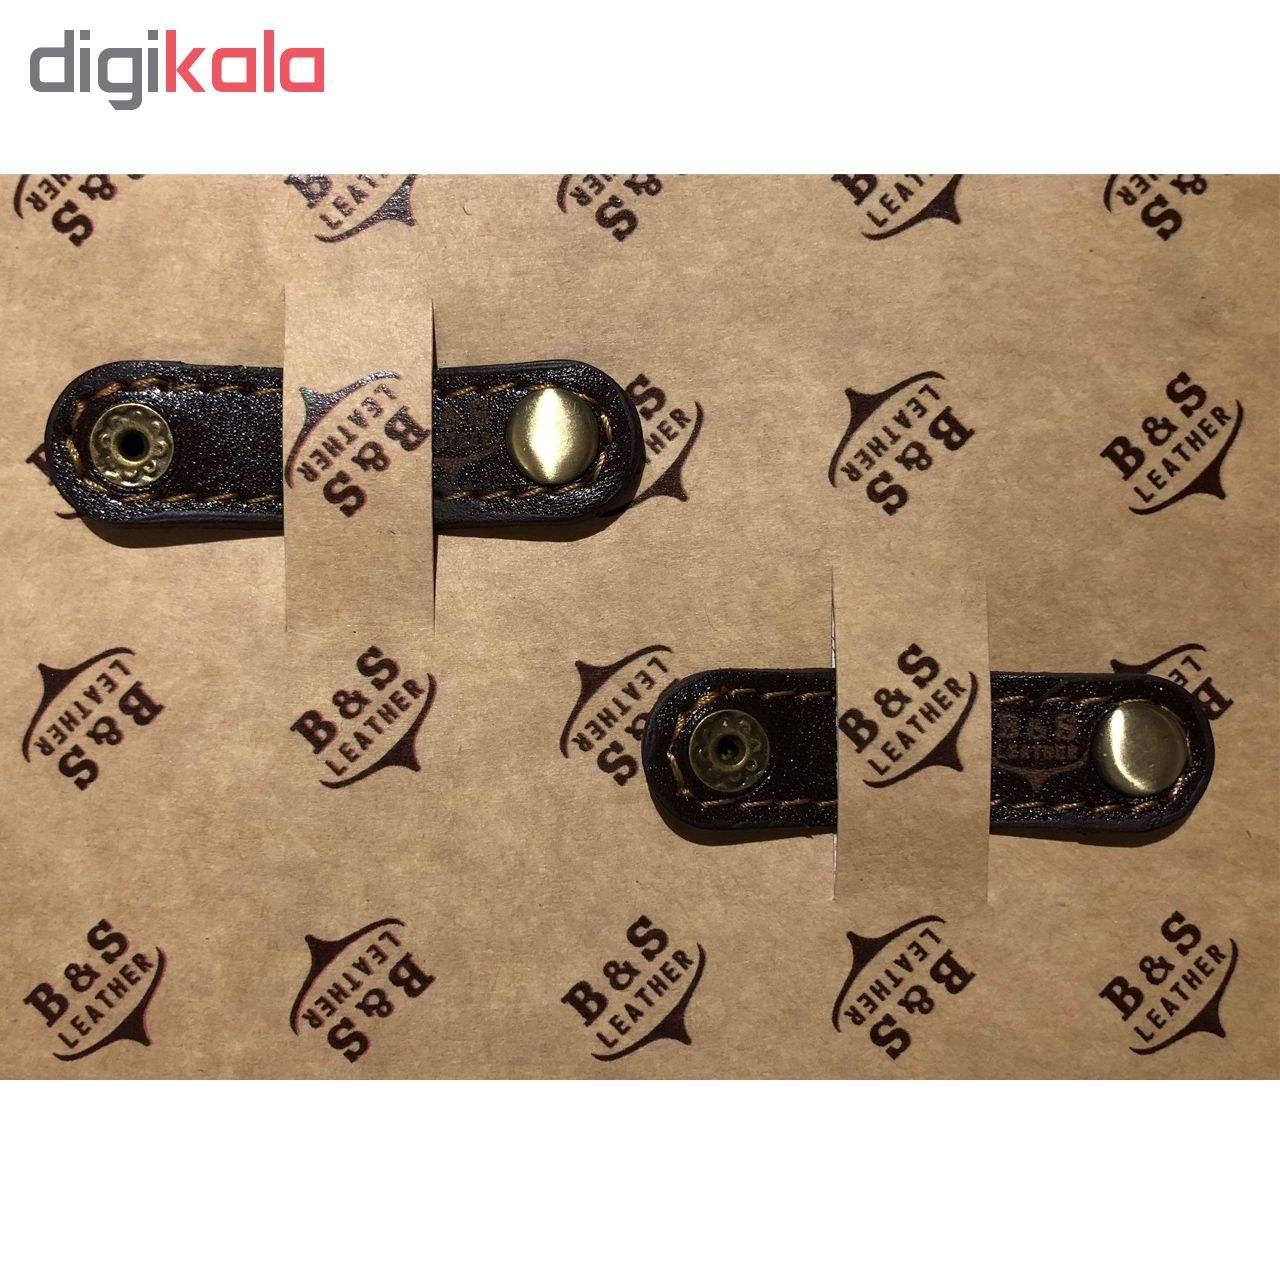 نگهدارنده کابل هندزفری و شارژ چرم طبیعی – دست دوز مدل EG بسته 2 عددی رنگ قهوه ای B&S Leather  main 1 1